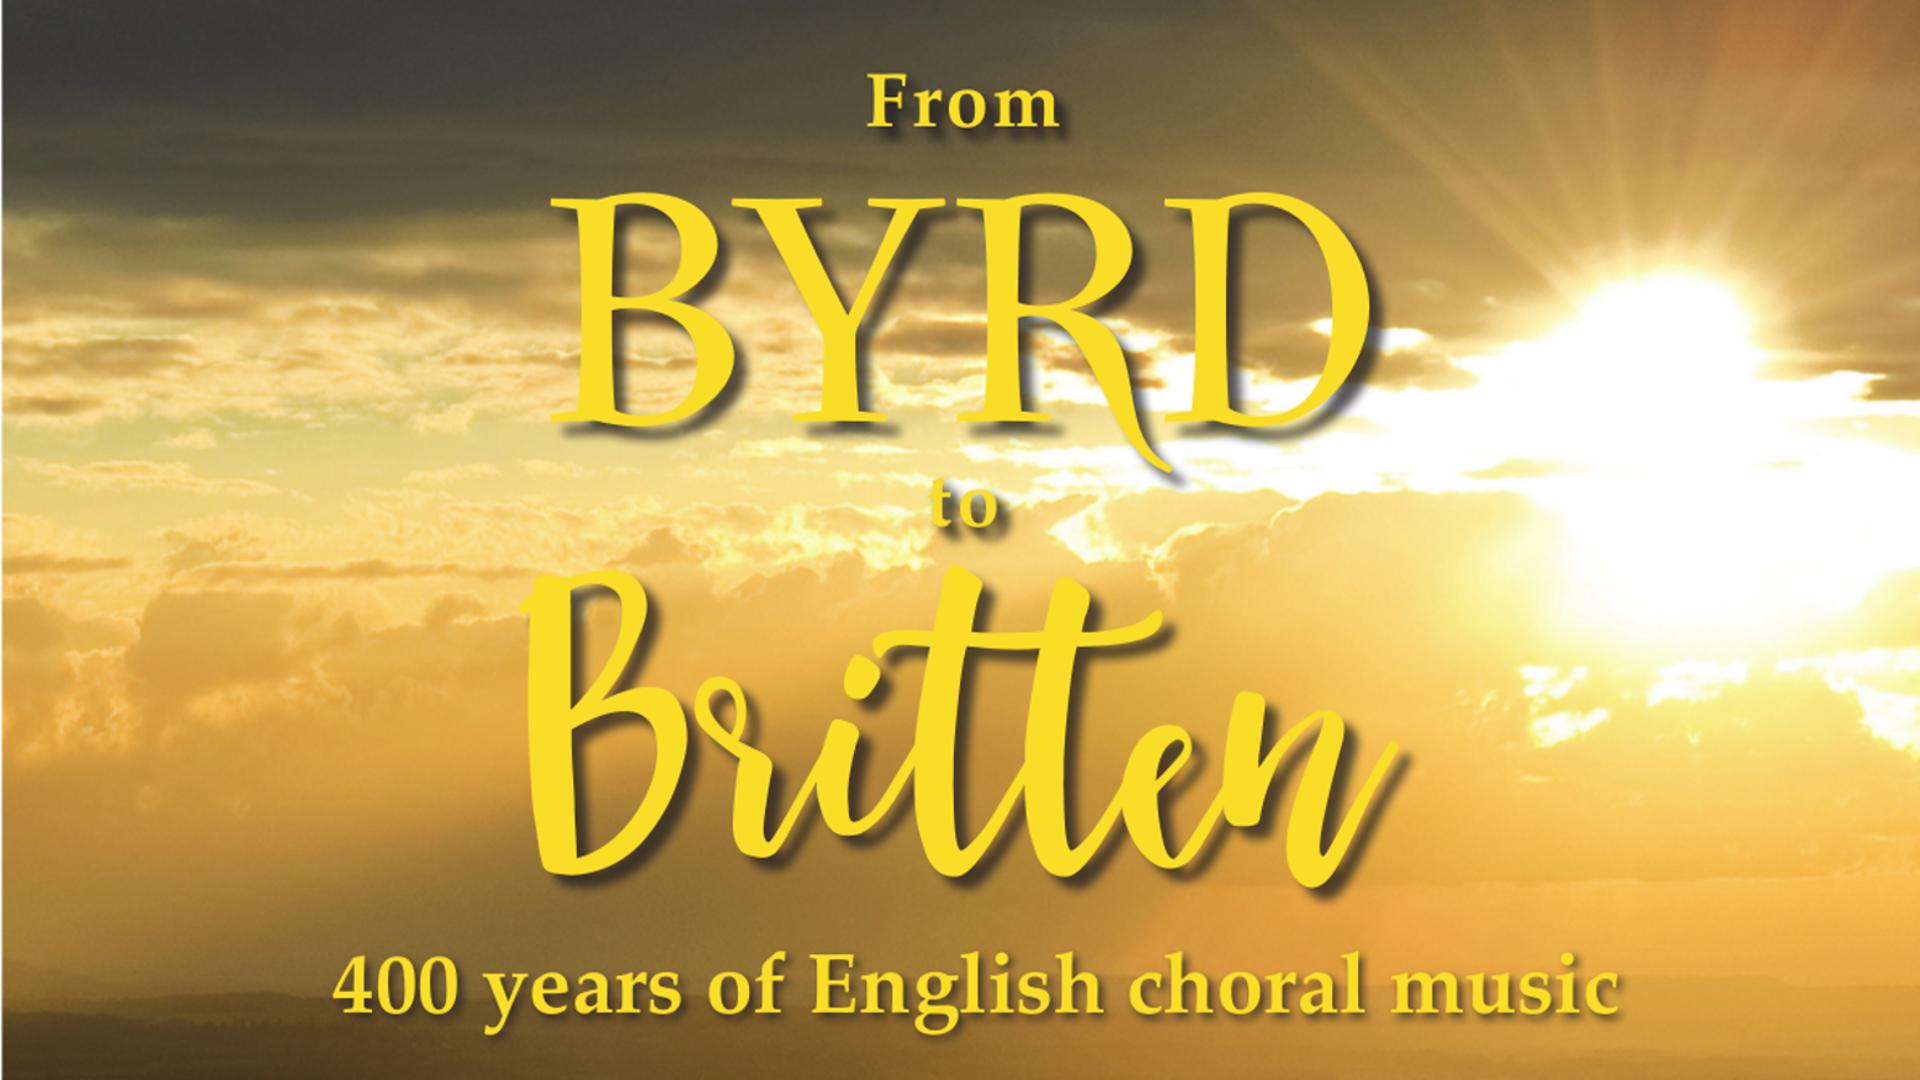 Byrd to Britten title